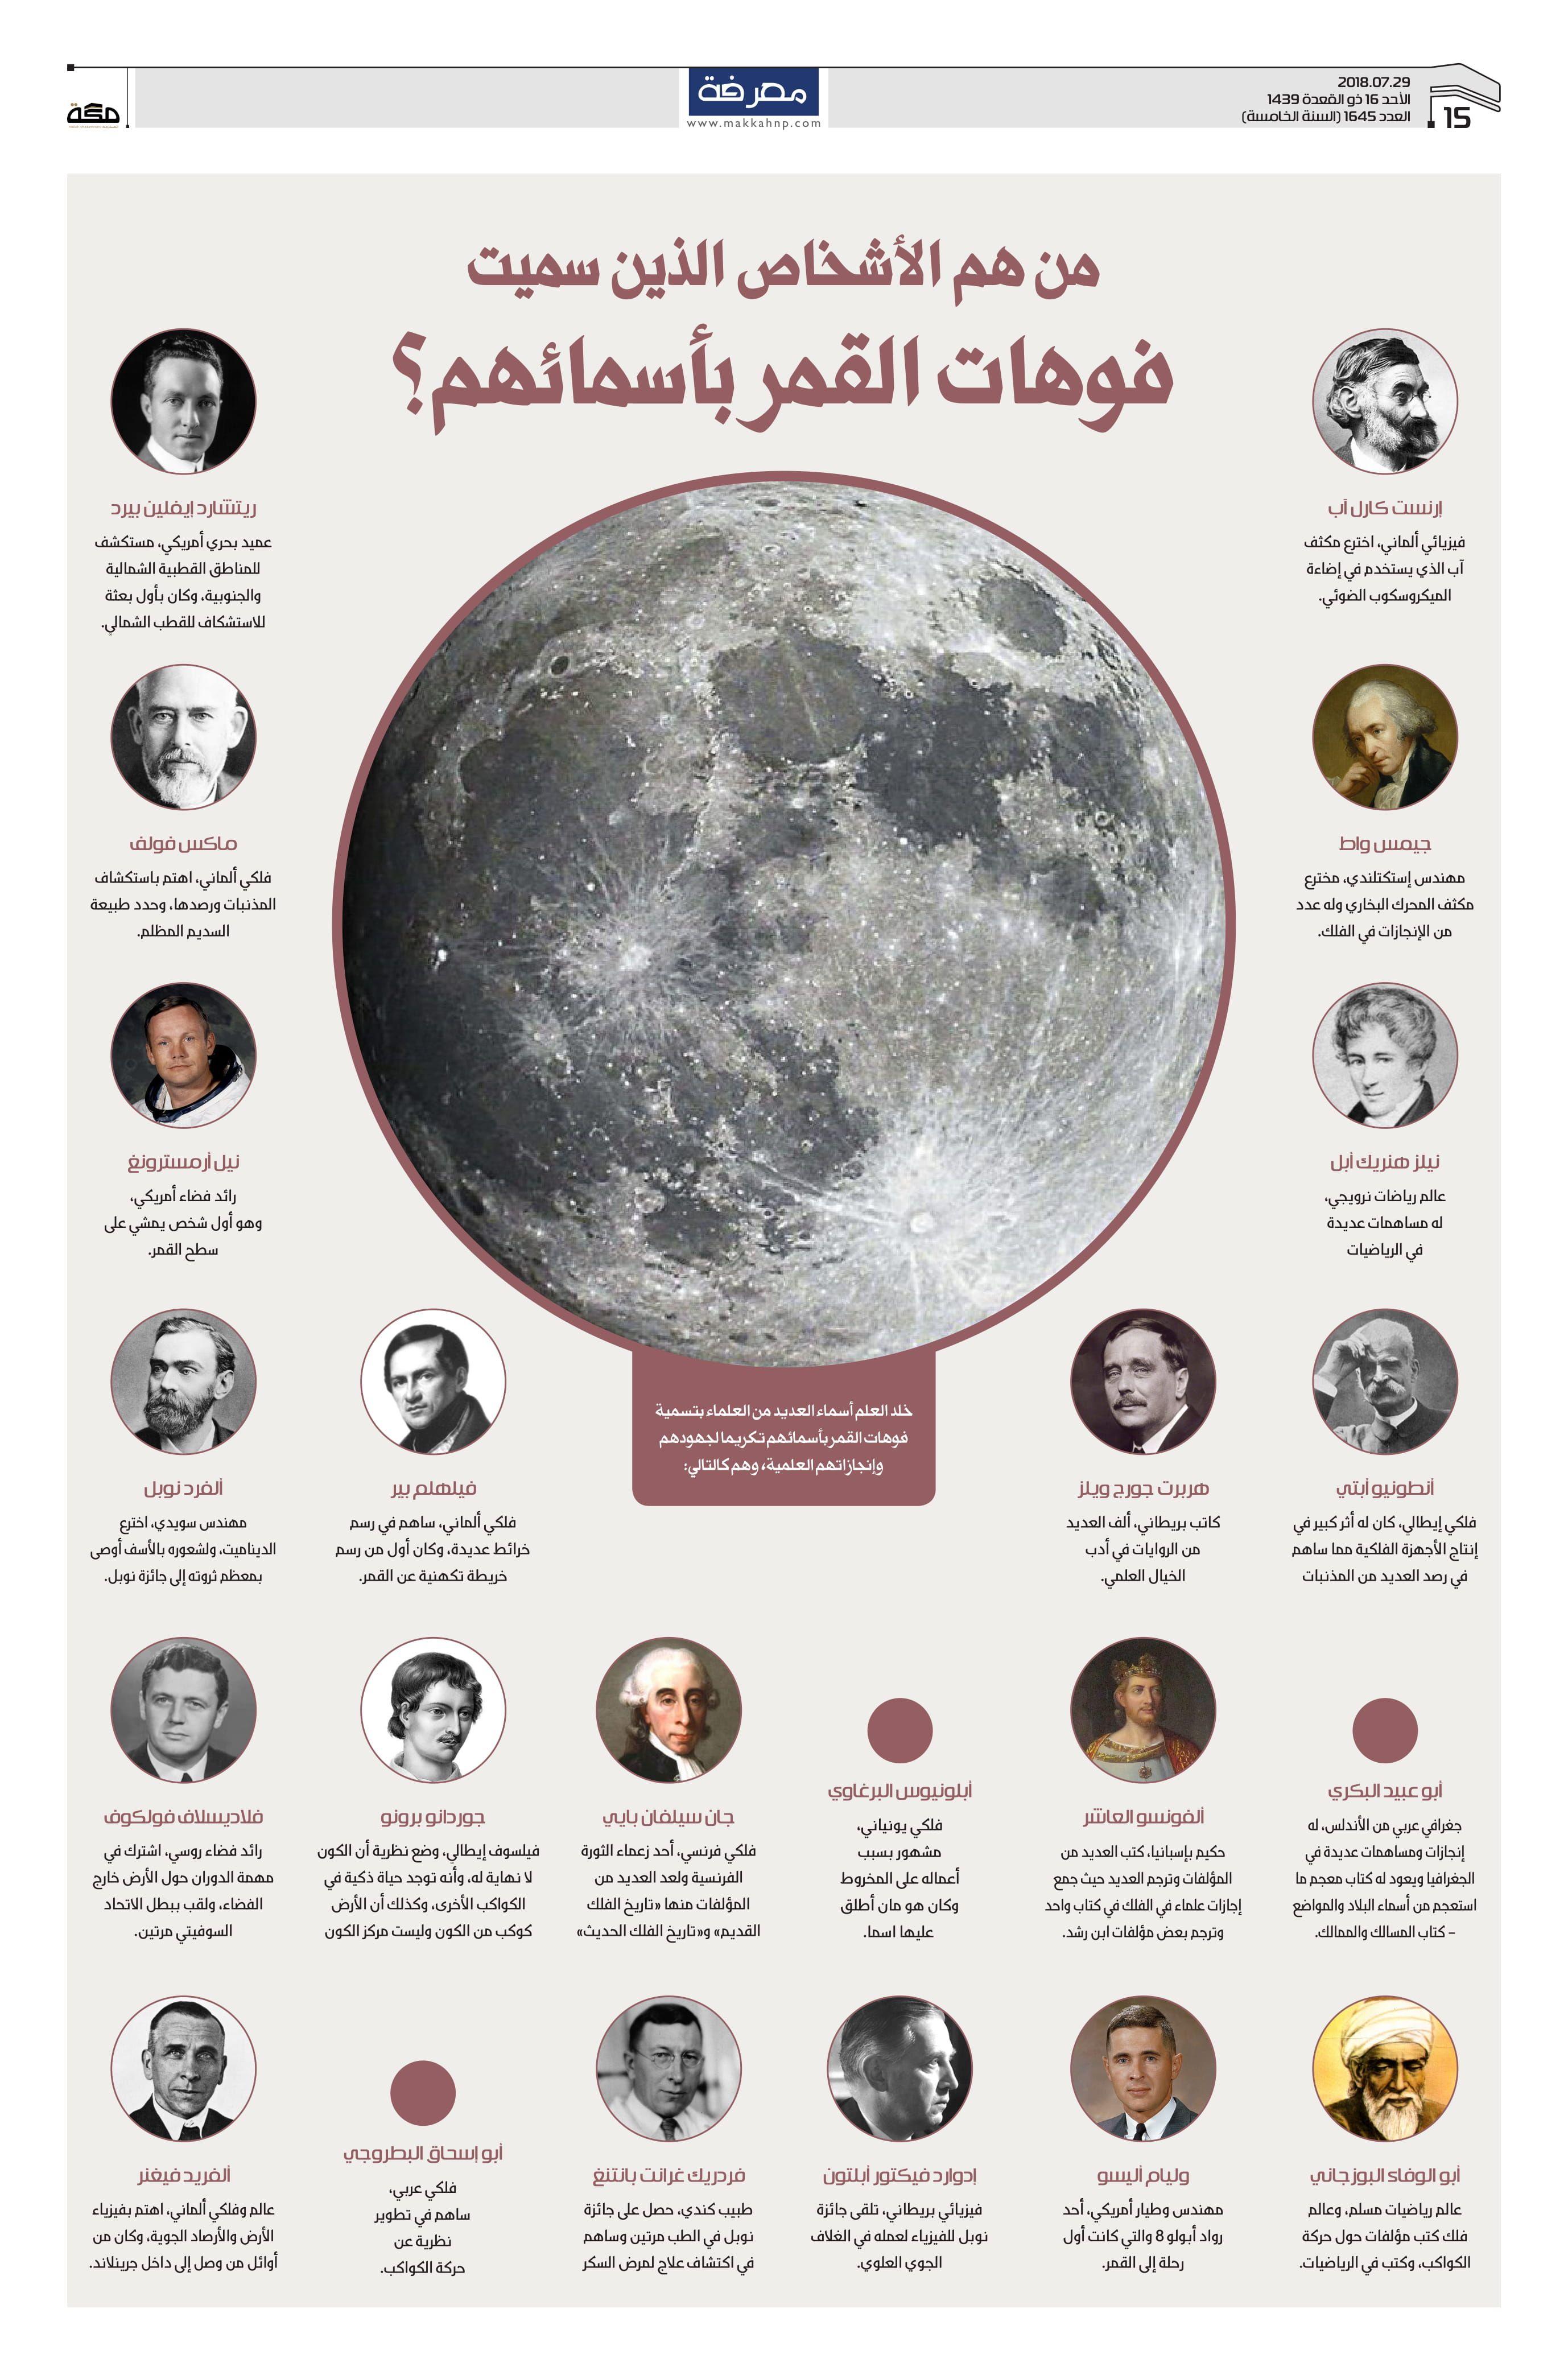 من هم الأشخاص الذين سميت فوهات القمر بأسمائهم صحيفة مكة انفوجرافيك معلومات Infographic Celestial Bodies Poster